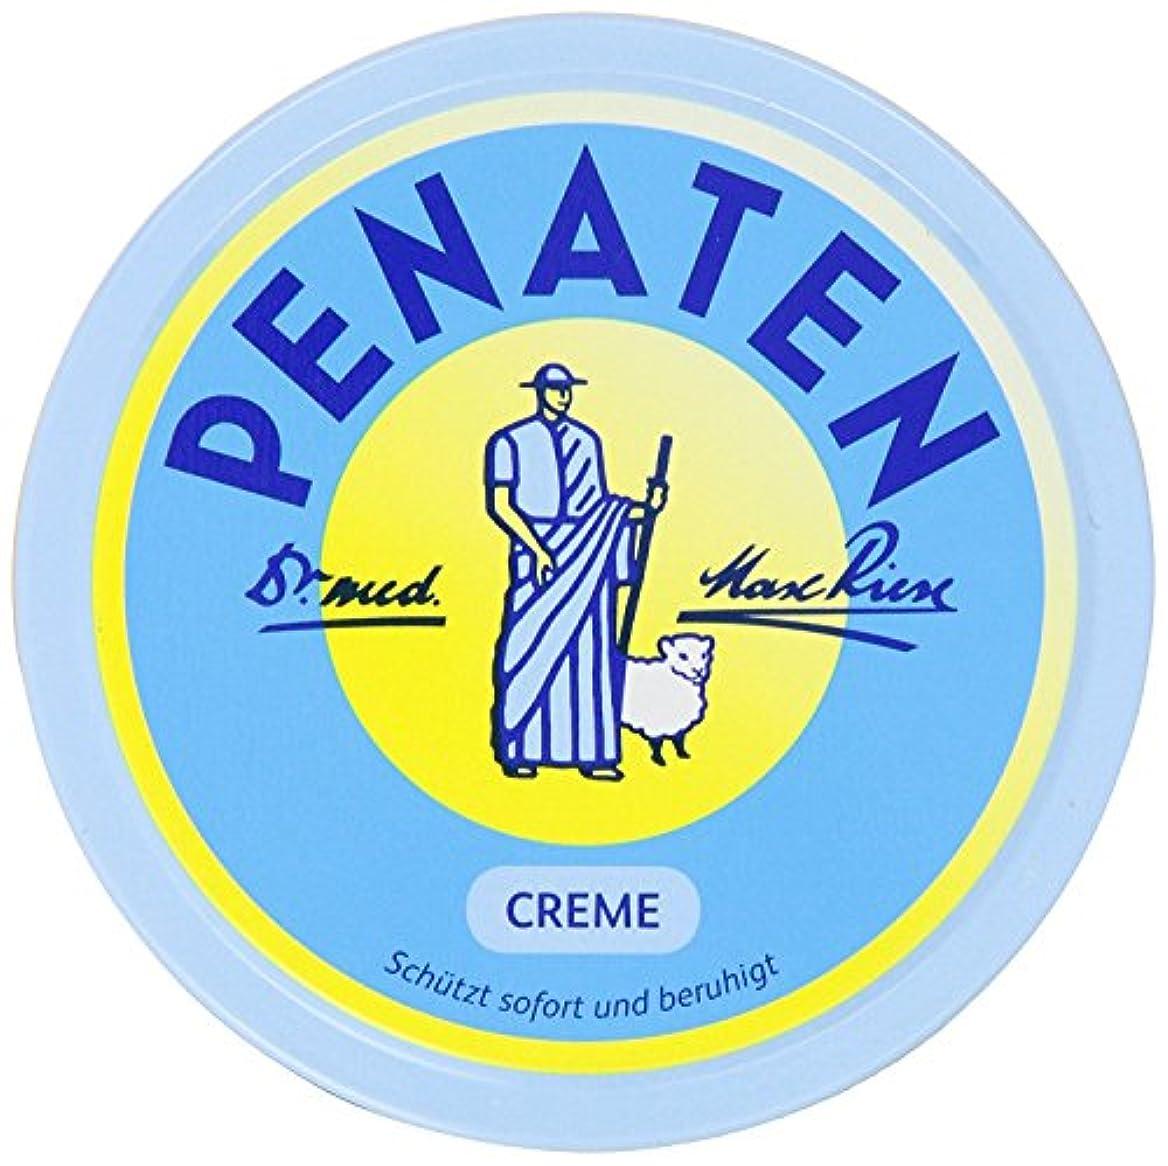 嫌がる決定的改修する(ペナテン) Penaten Baby Creme 150 ml, 3er Pack (3 x 150 ml) (並行輸入品) shumaman